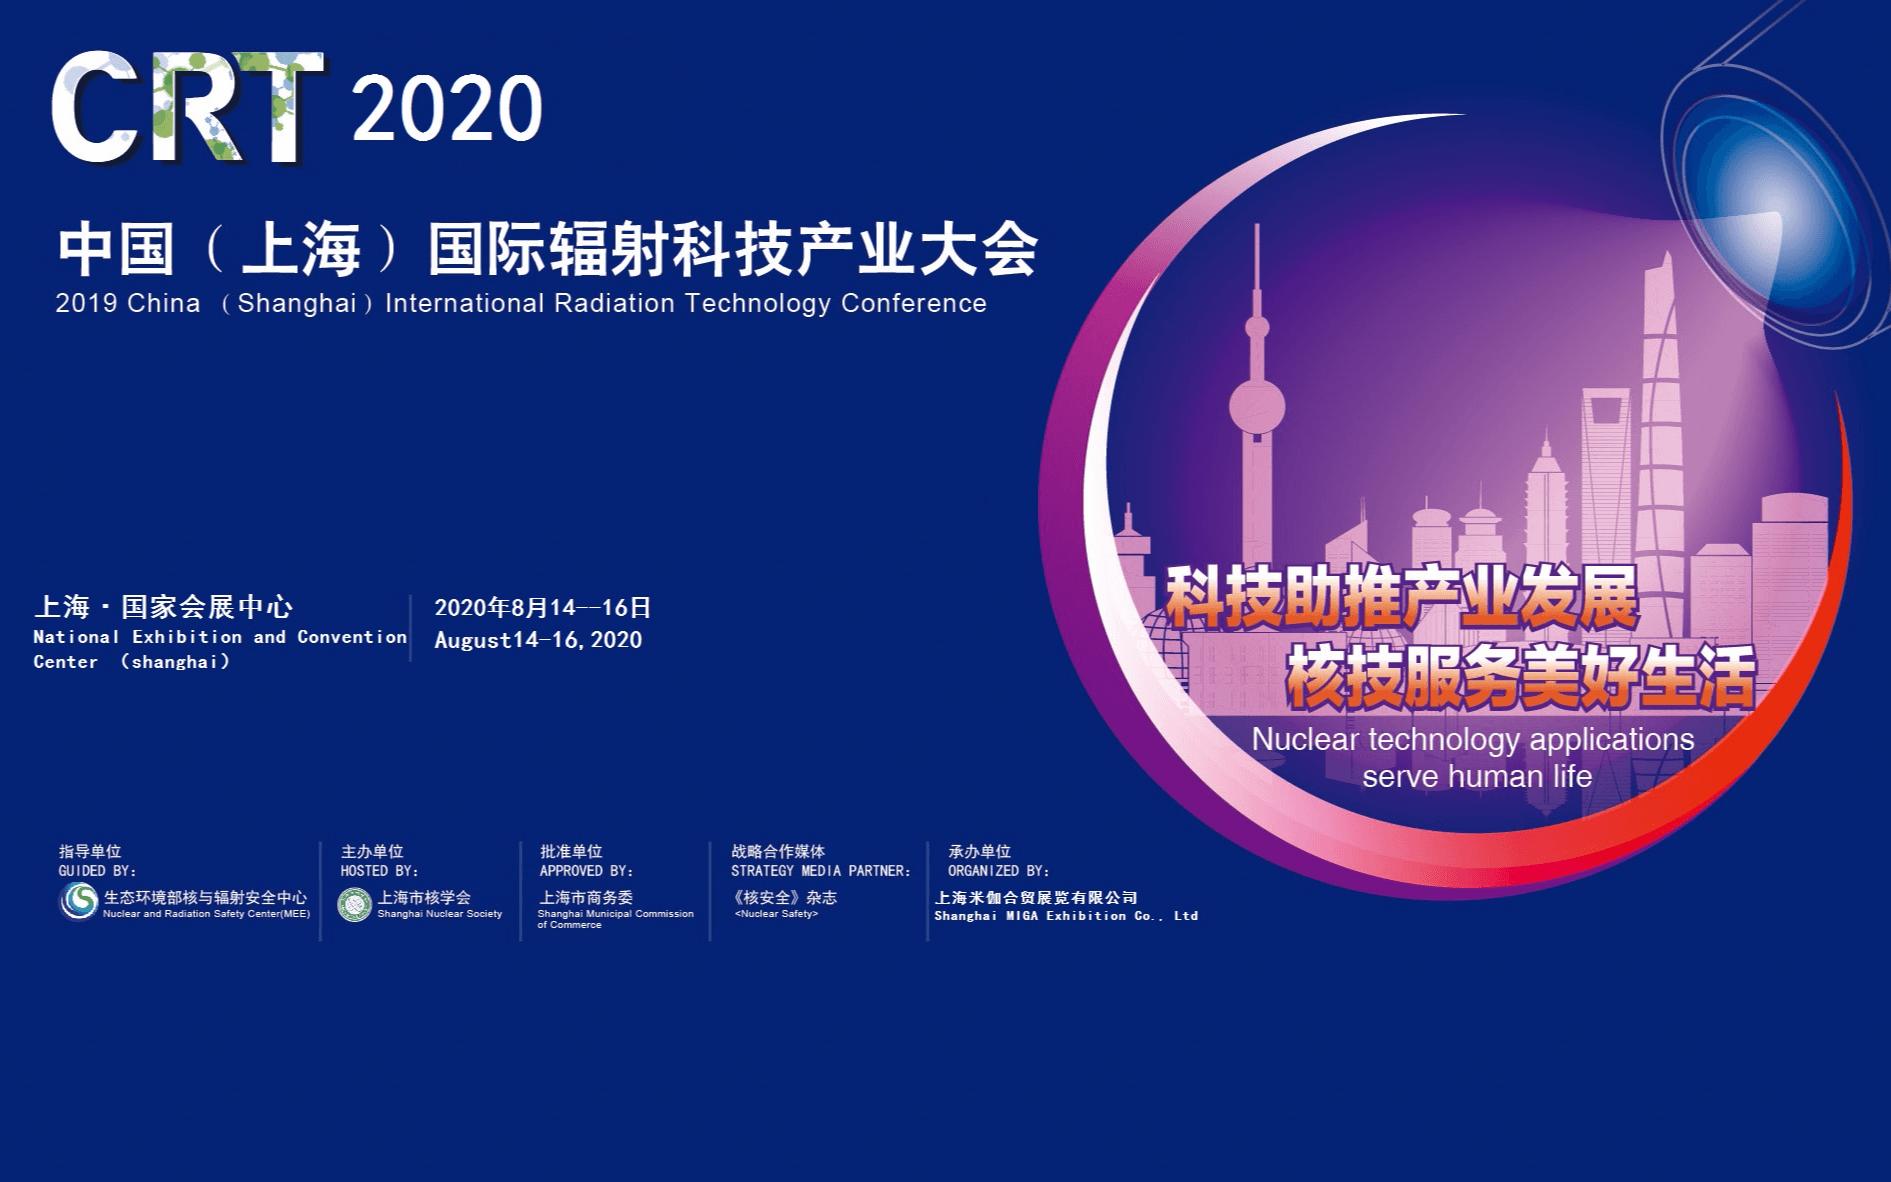 2020中國(上海)輻射科技產業大會